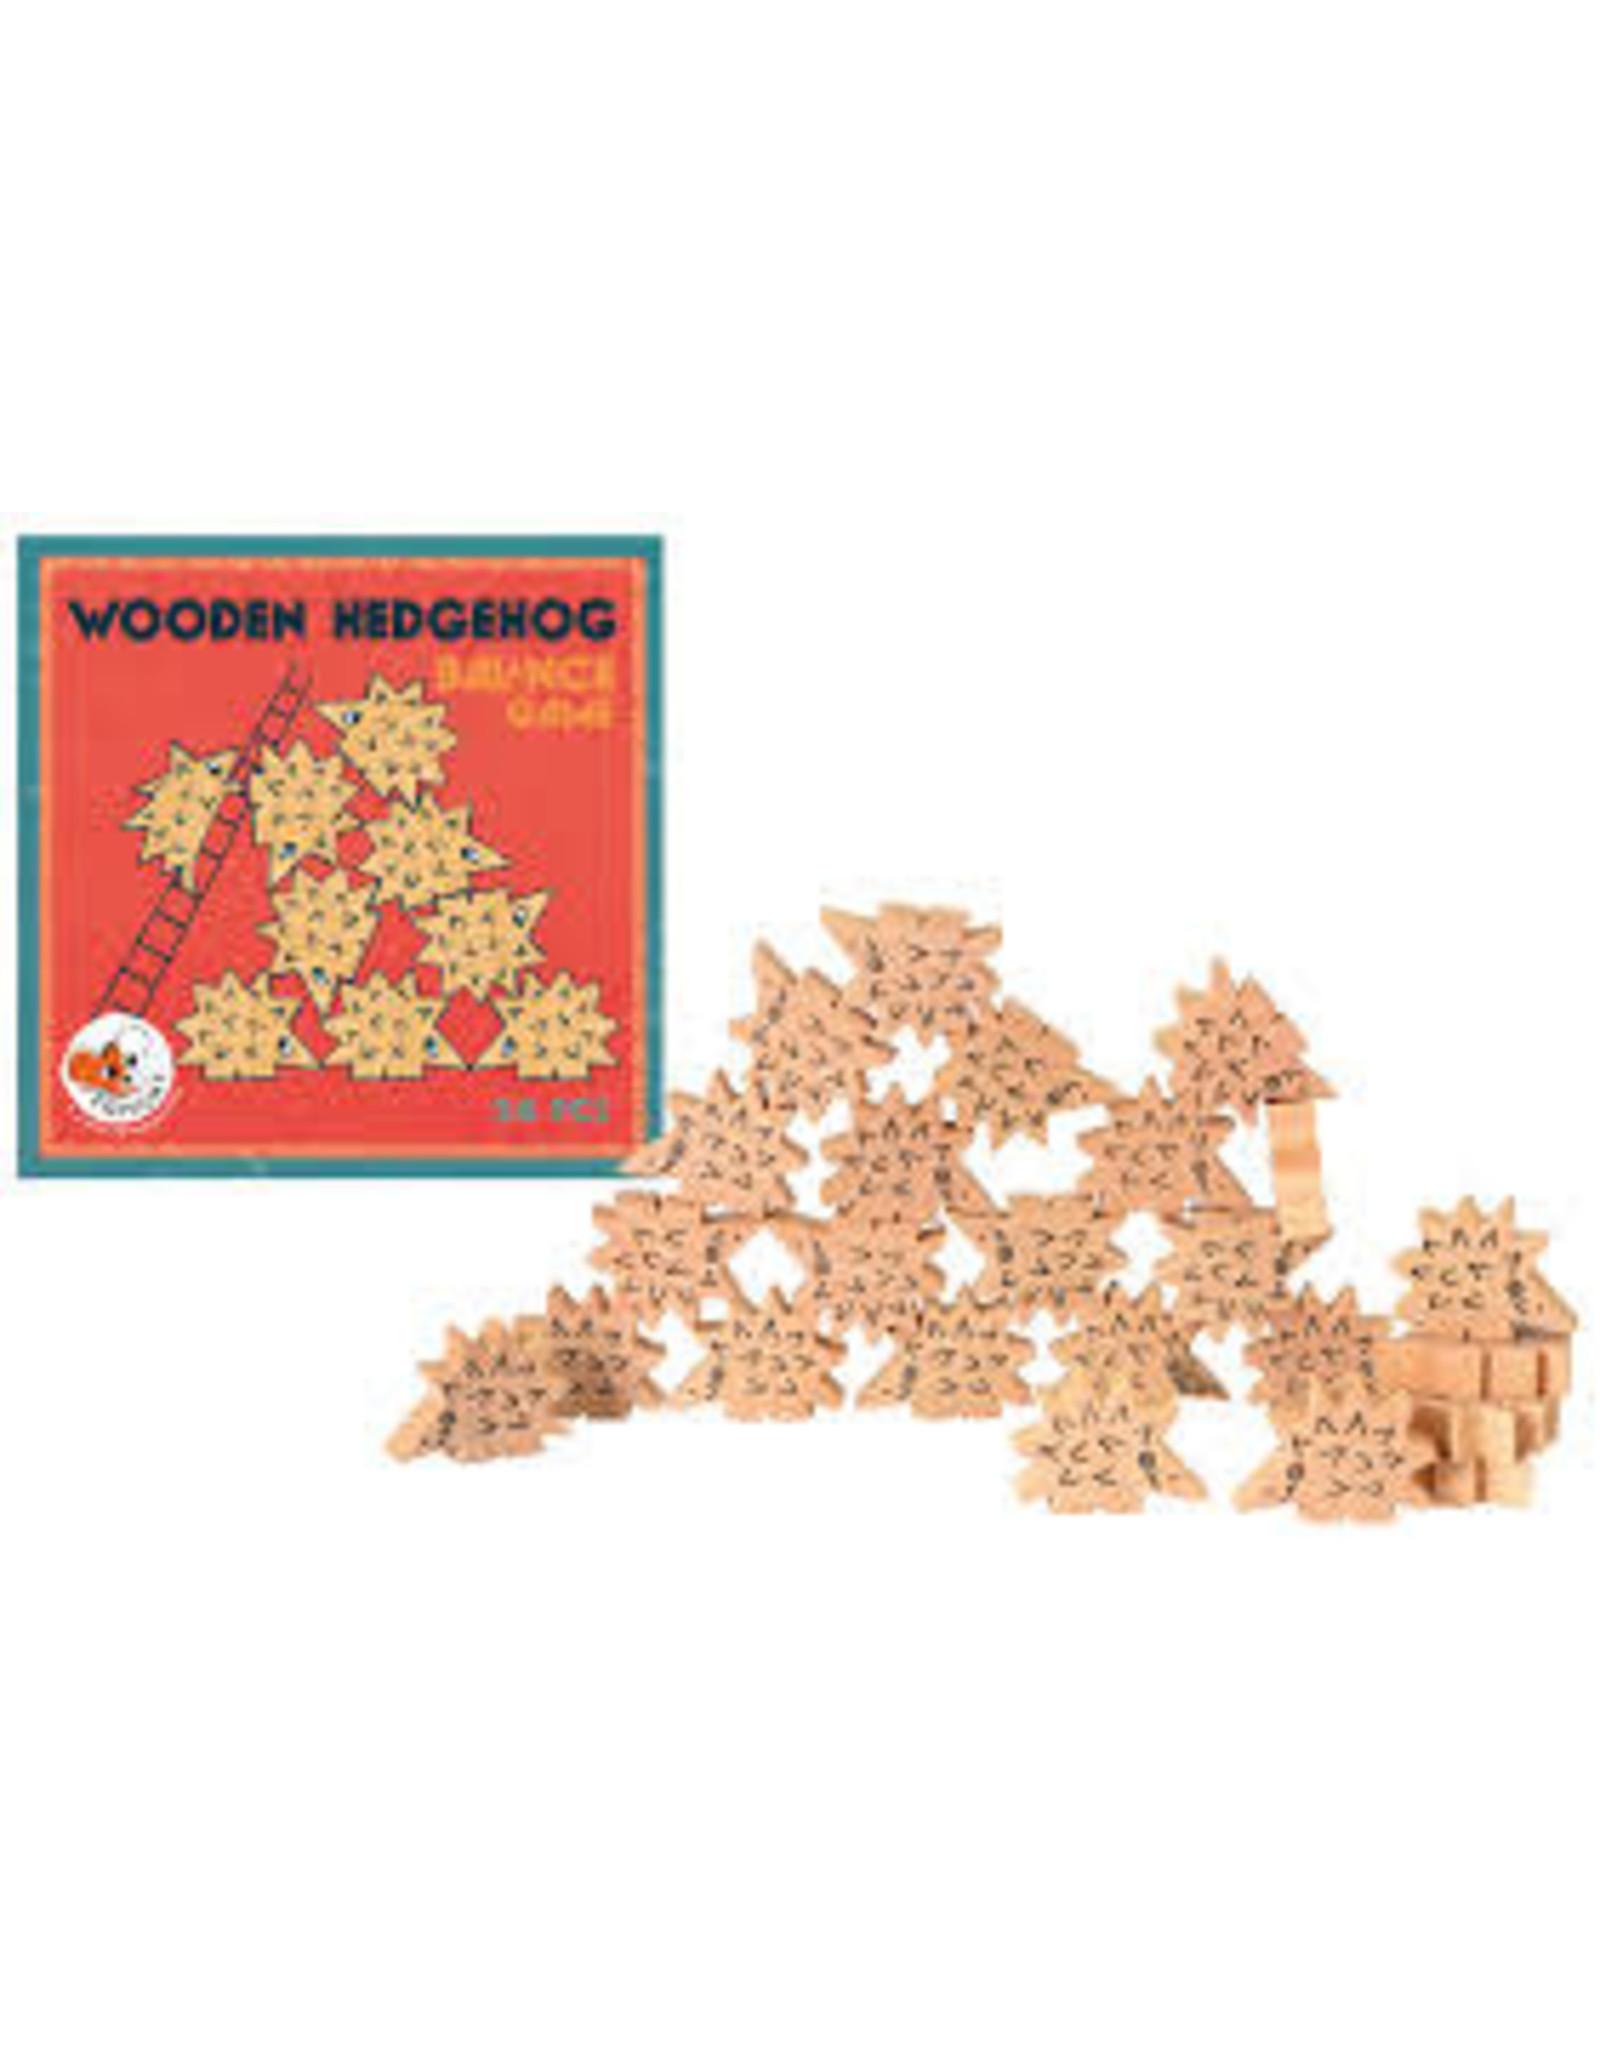 Egmont Wooden Hedgehog Balance Game